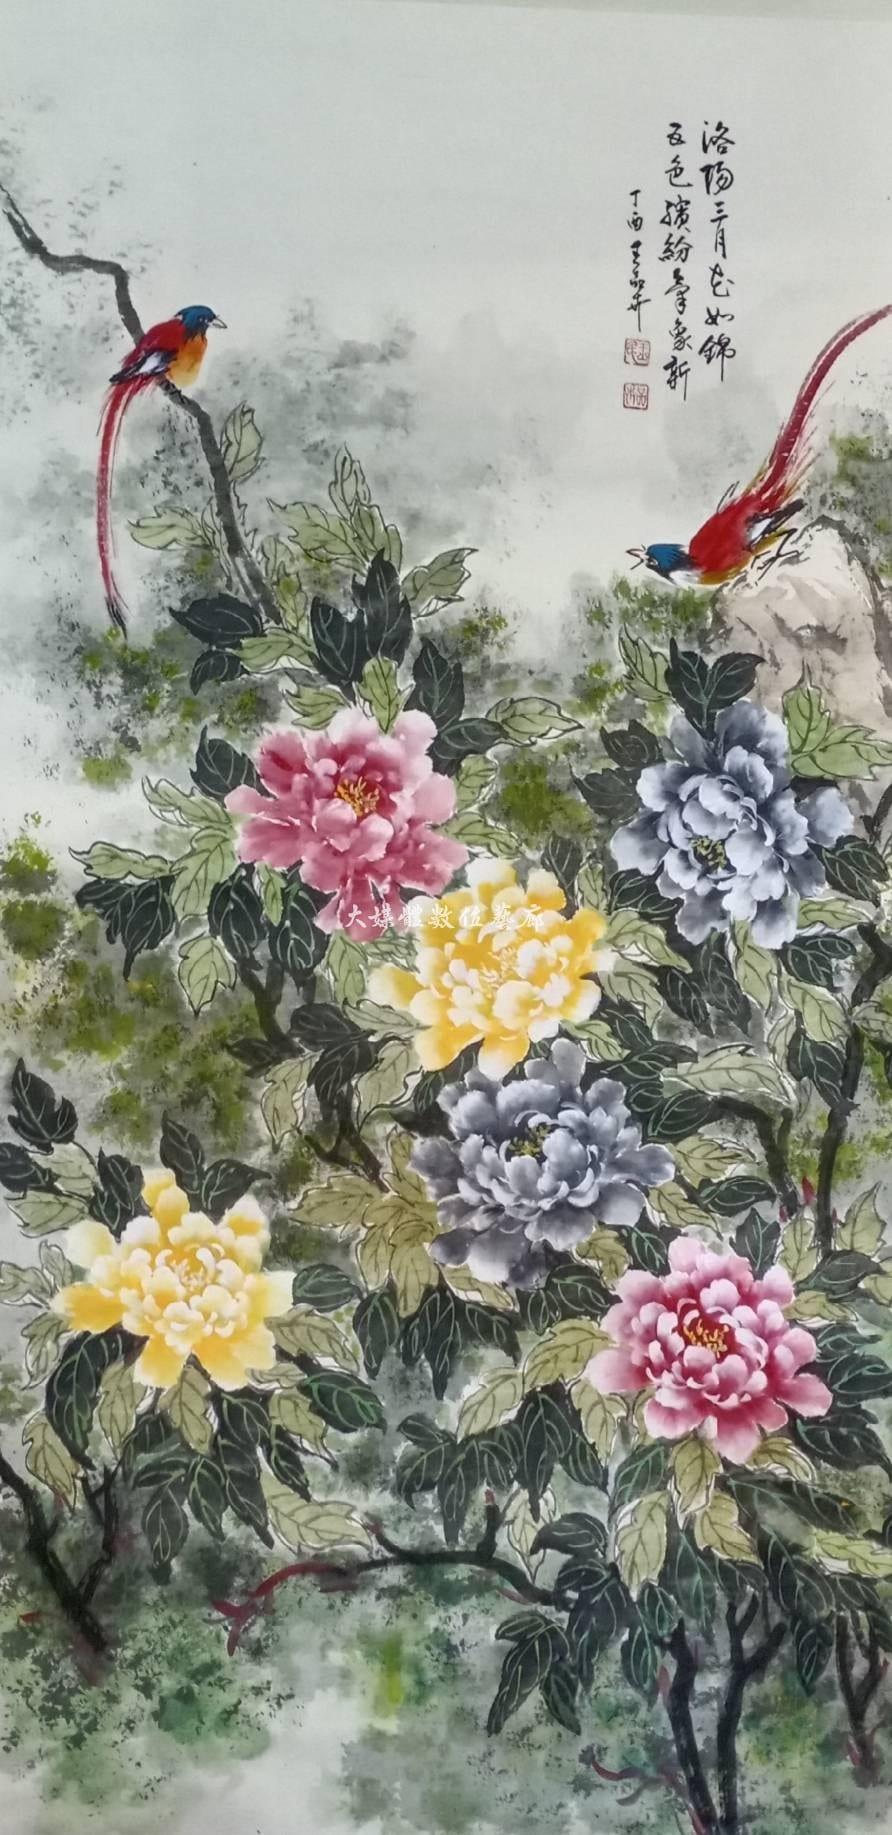 水墨畫 洛陽三月花如錦